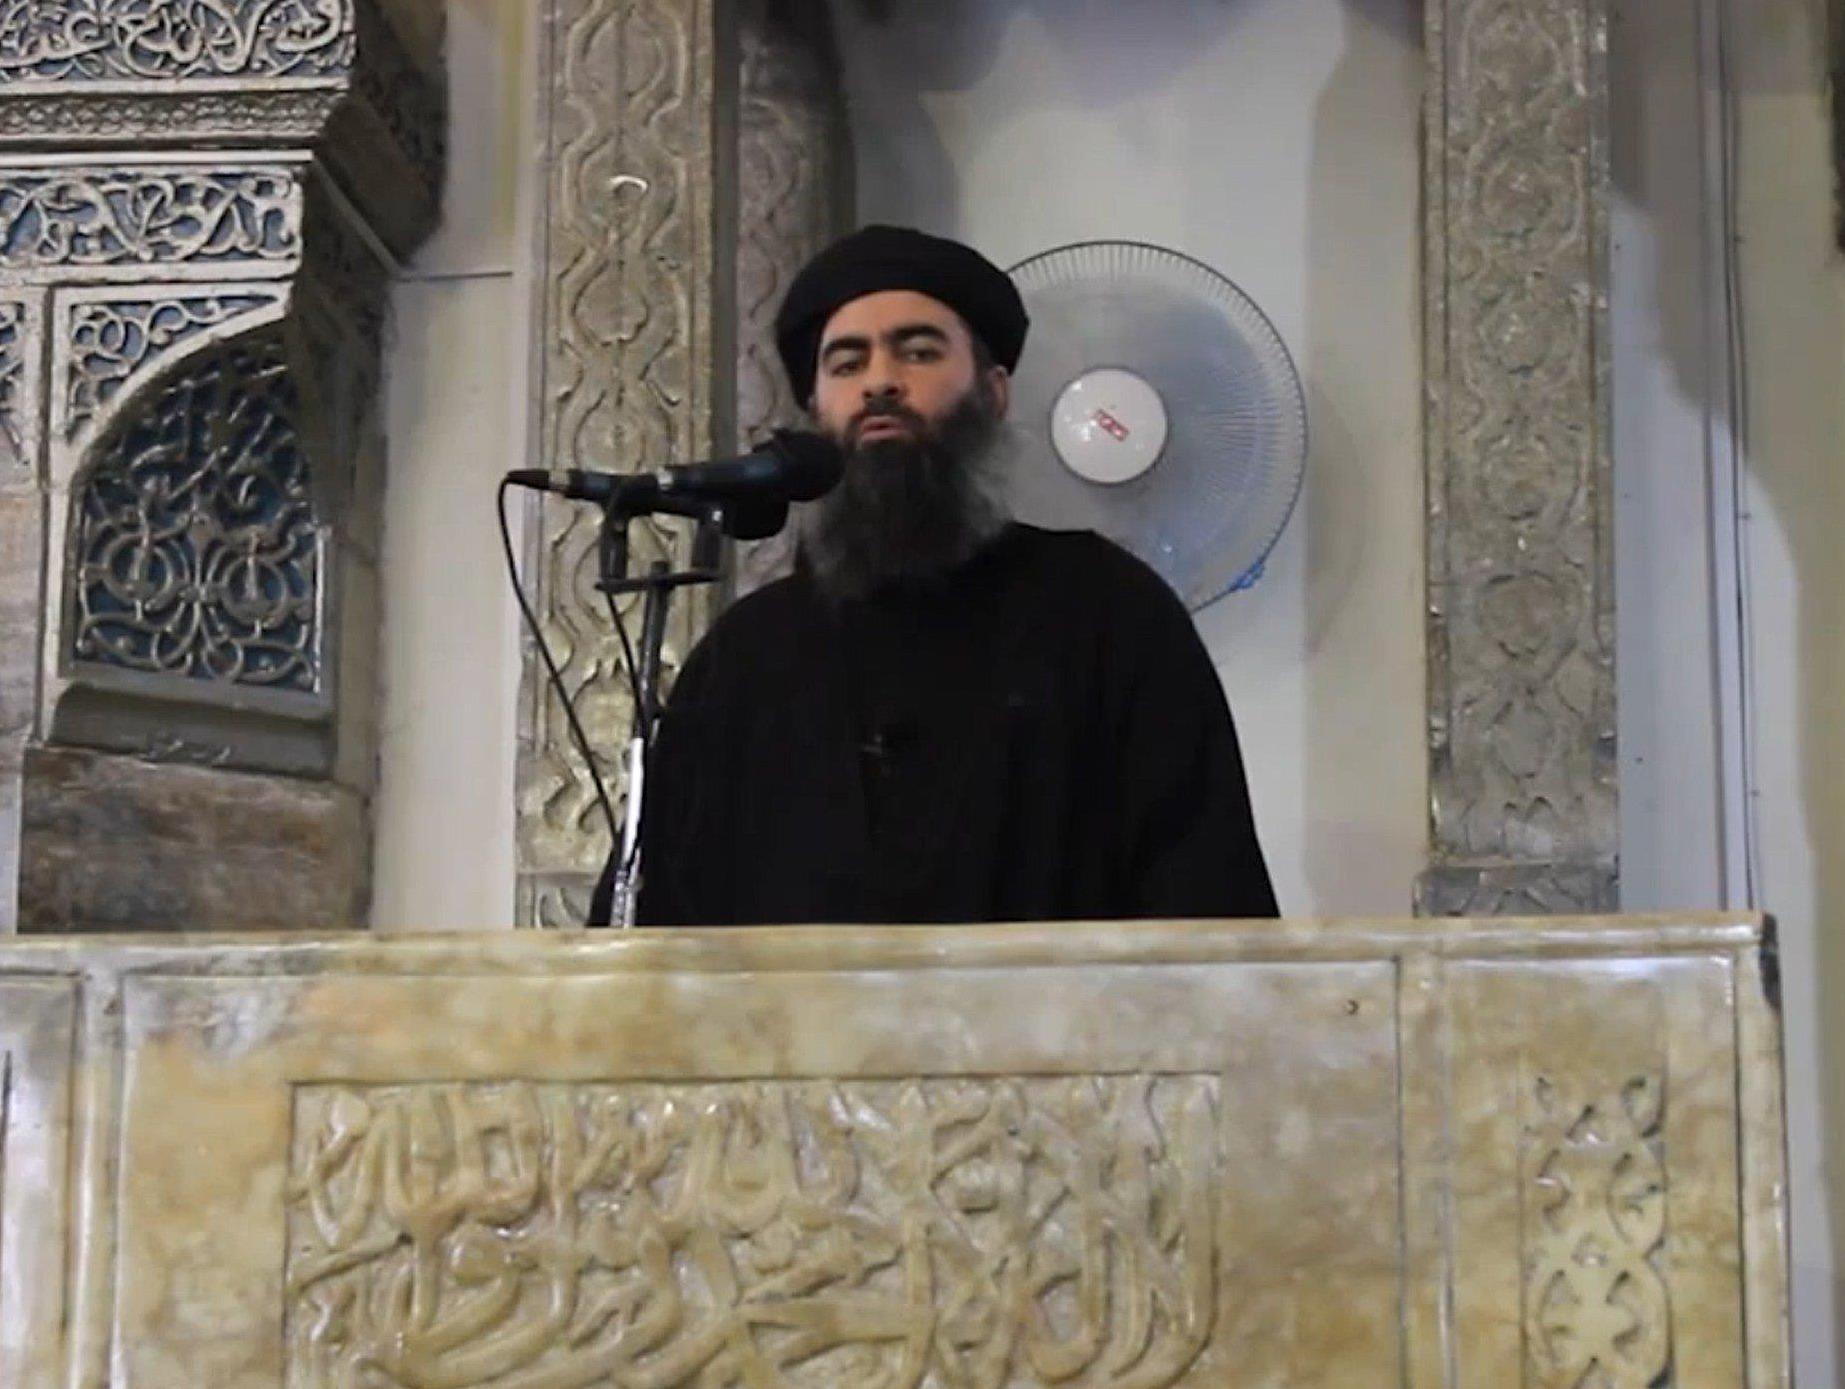 Abu Bakr al-Badghdadi, liderul Statului Islamic, este considerat unul dintre cei mai periculoși oameni din lume (nbcnews.com)